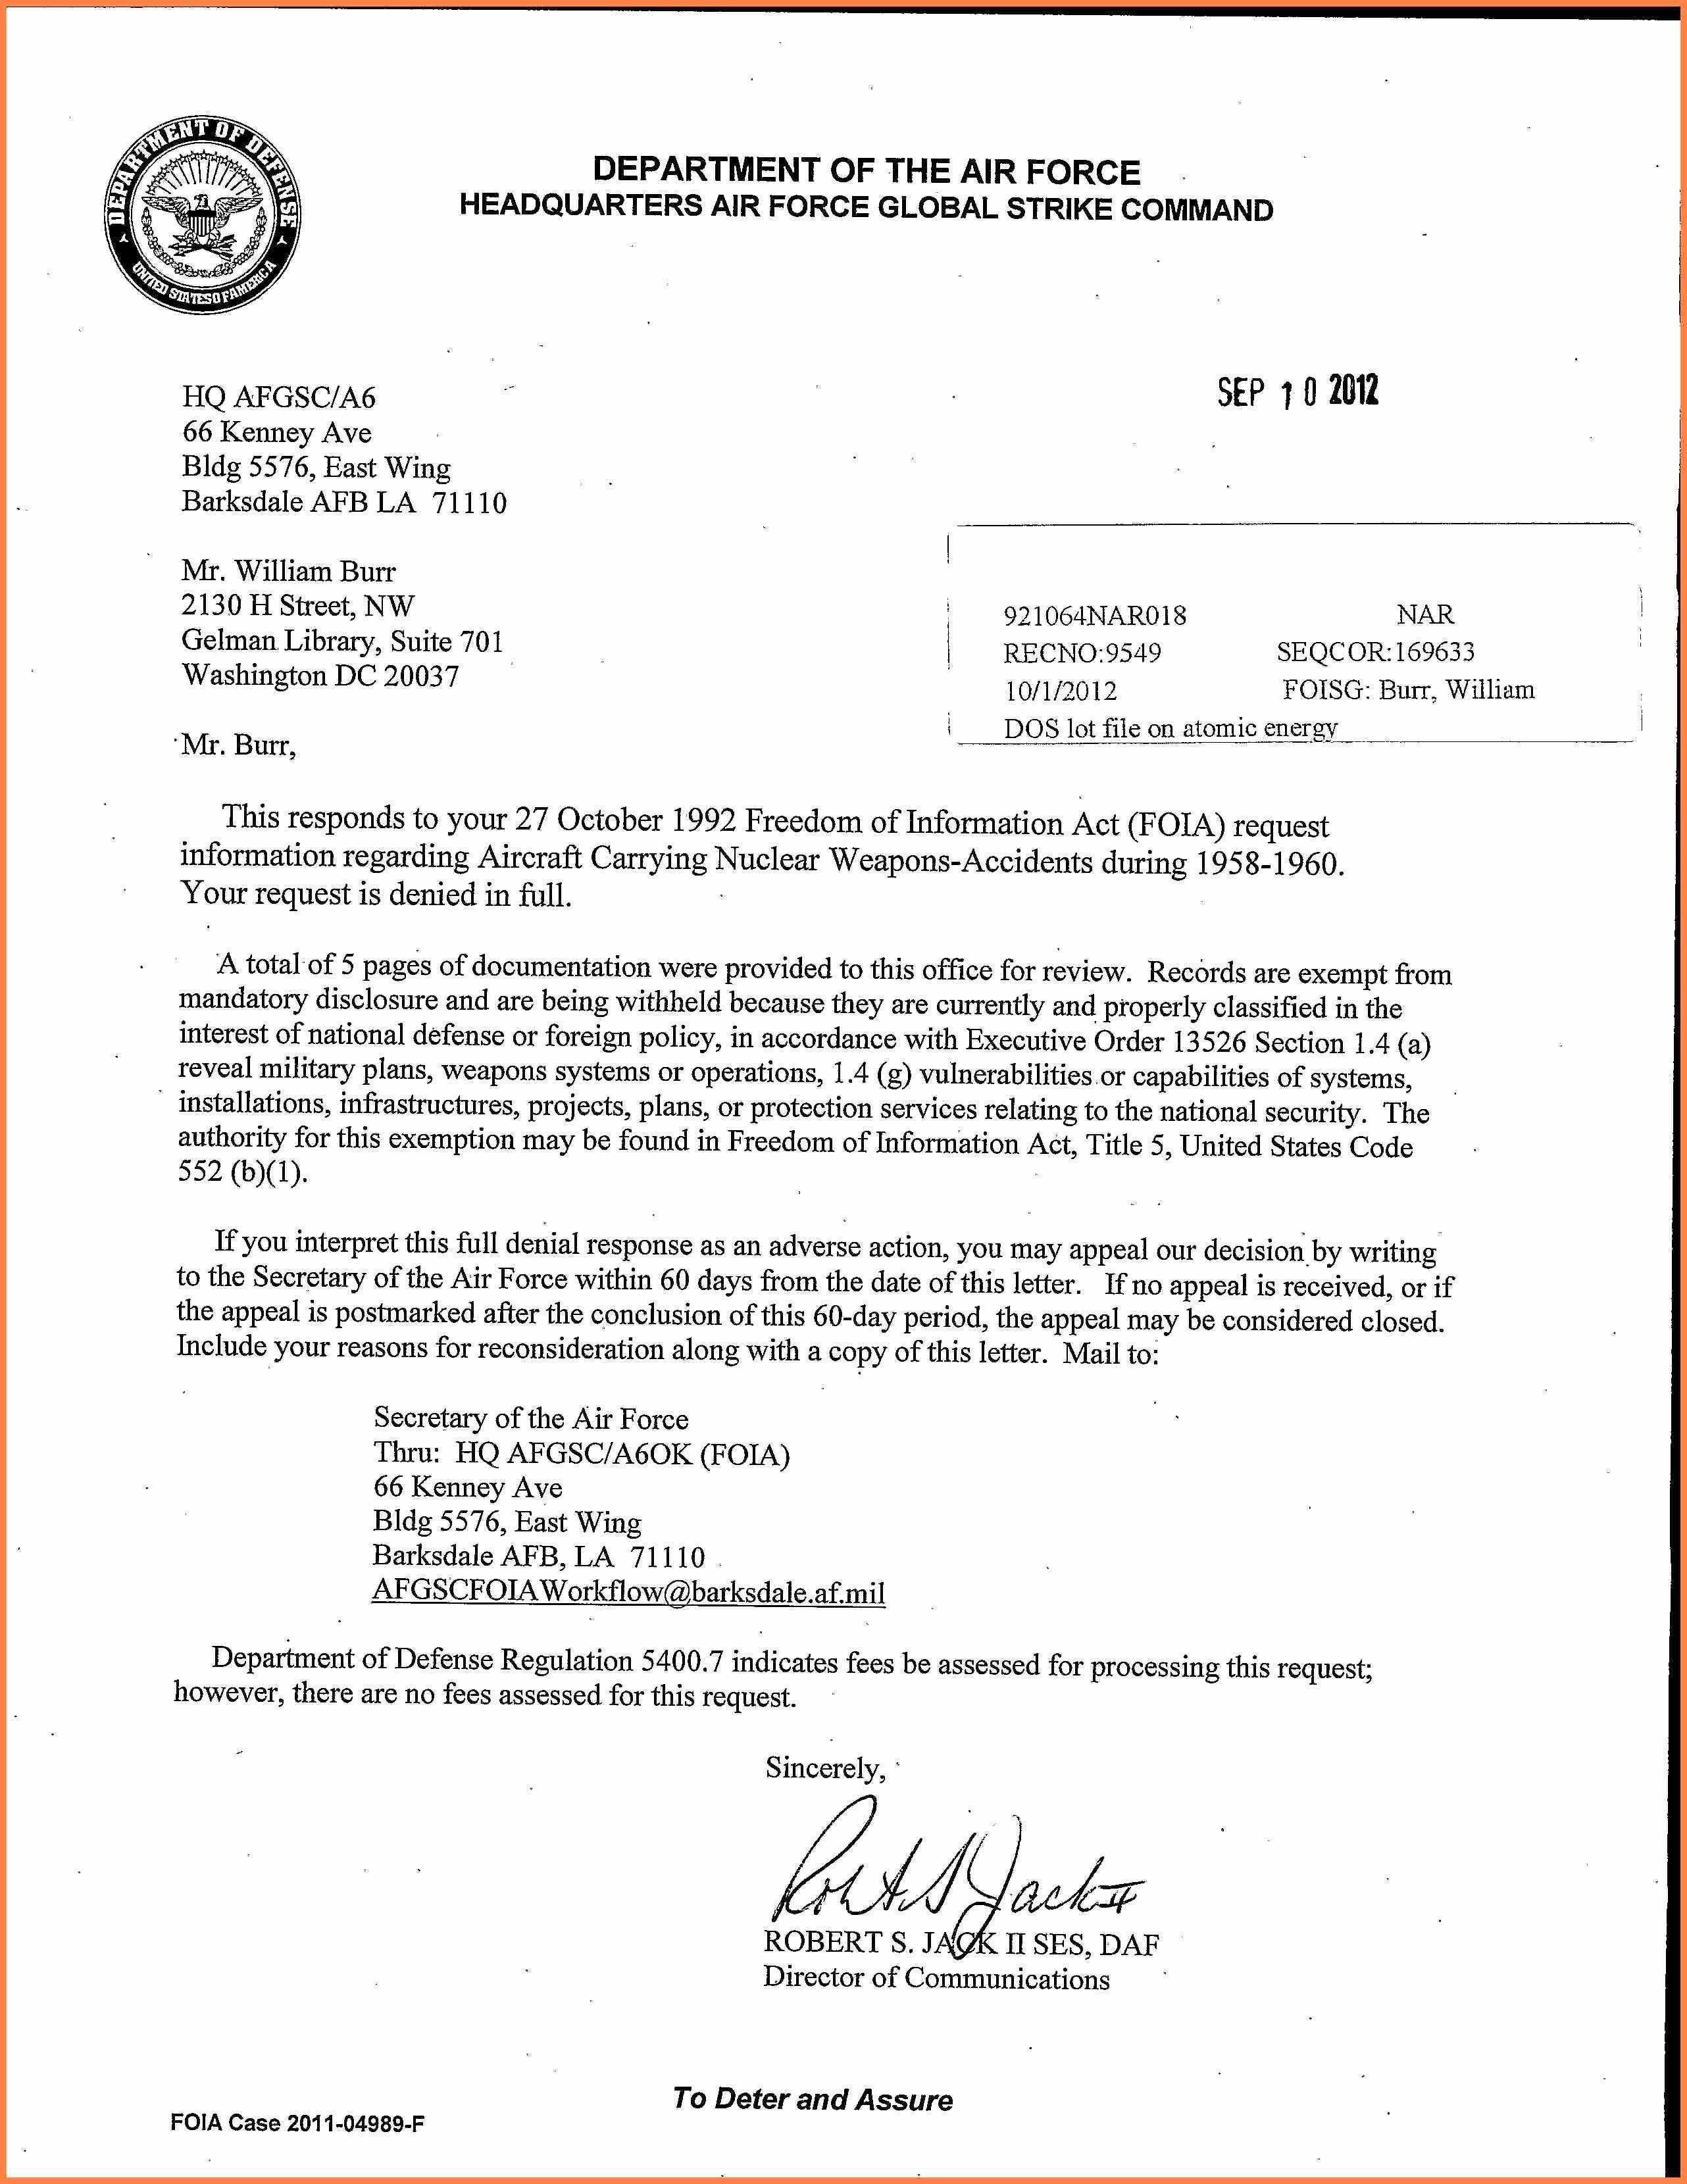 Air Force Memorandum Template Elegant 10 Department Of The